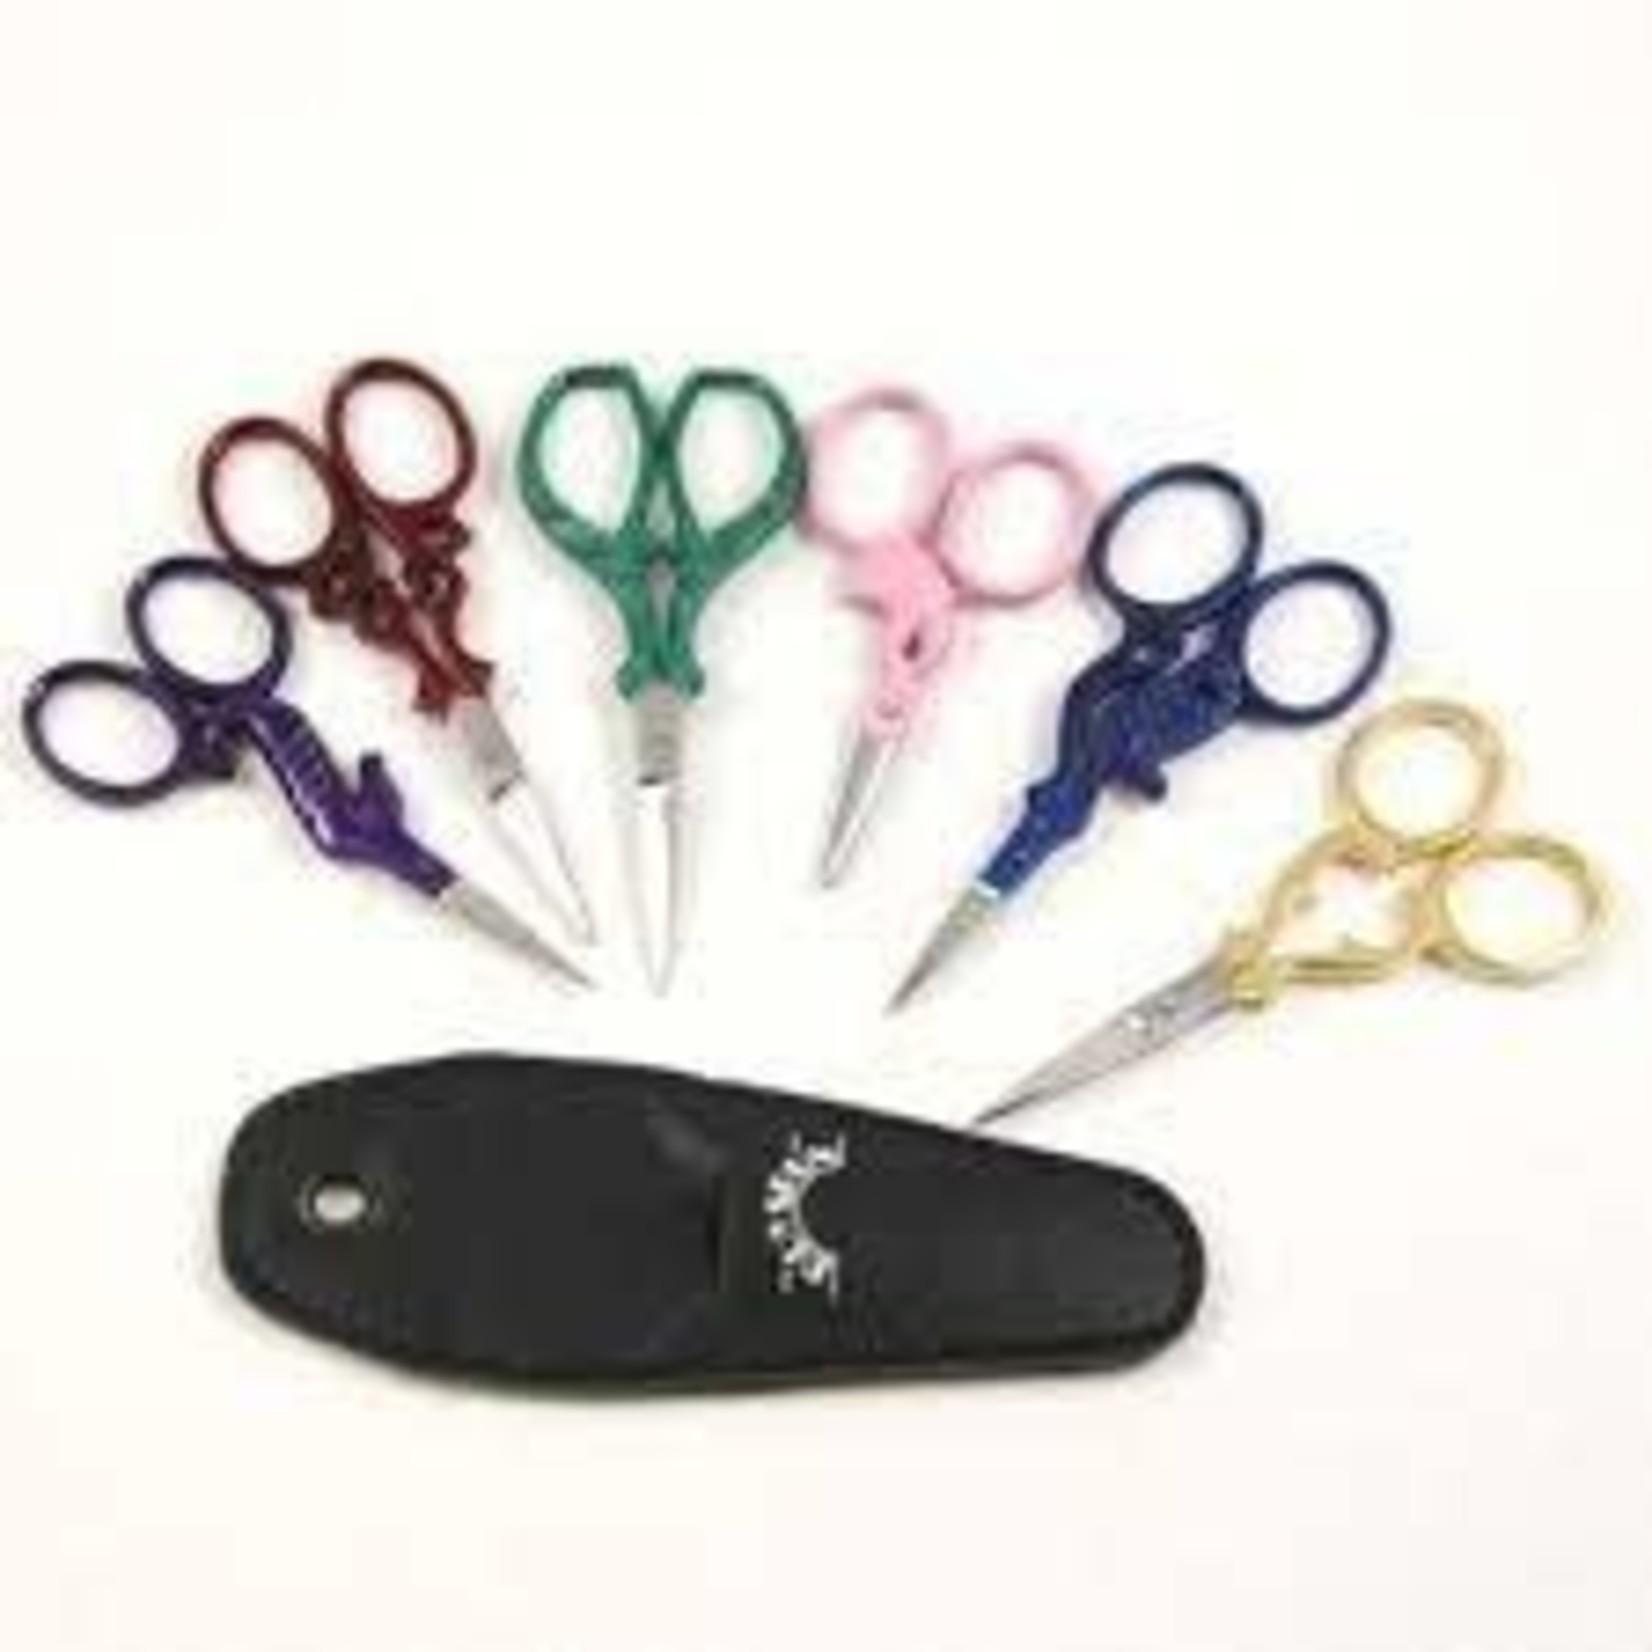 Bryspun Color Scissors